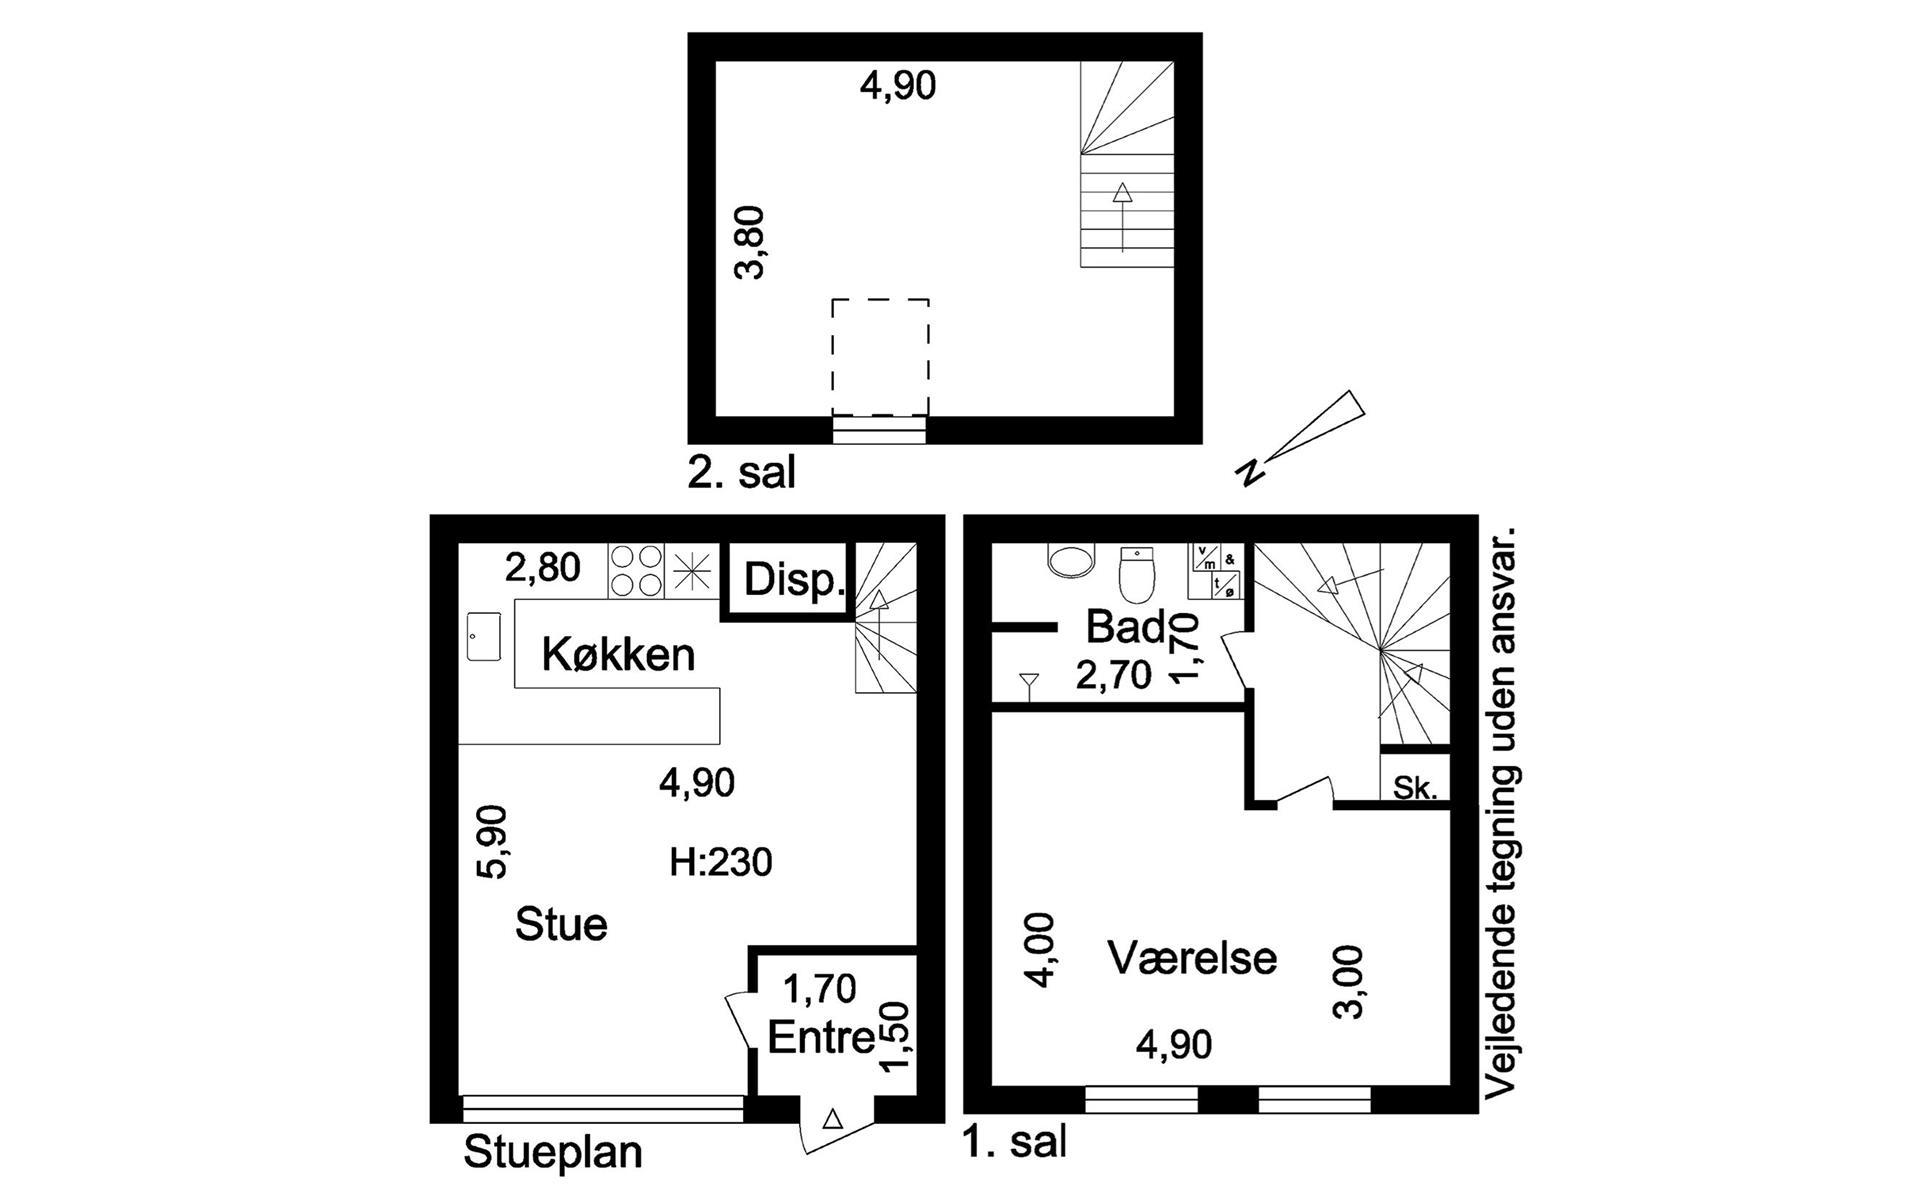 Rækkehus på Vejledalen i Ishøj - Plantegning